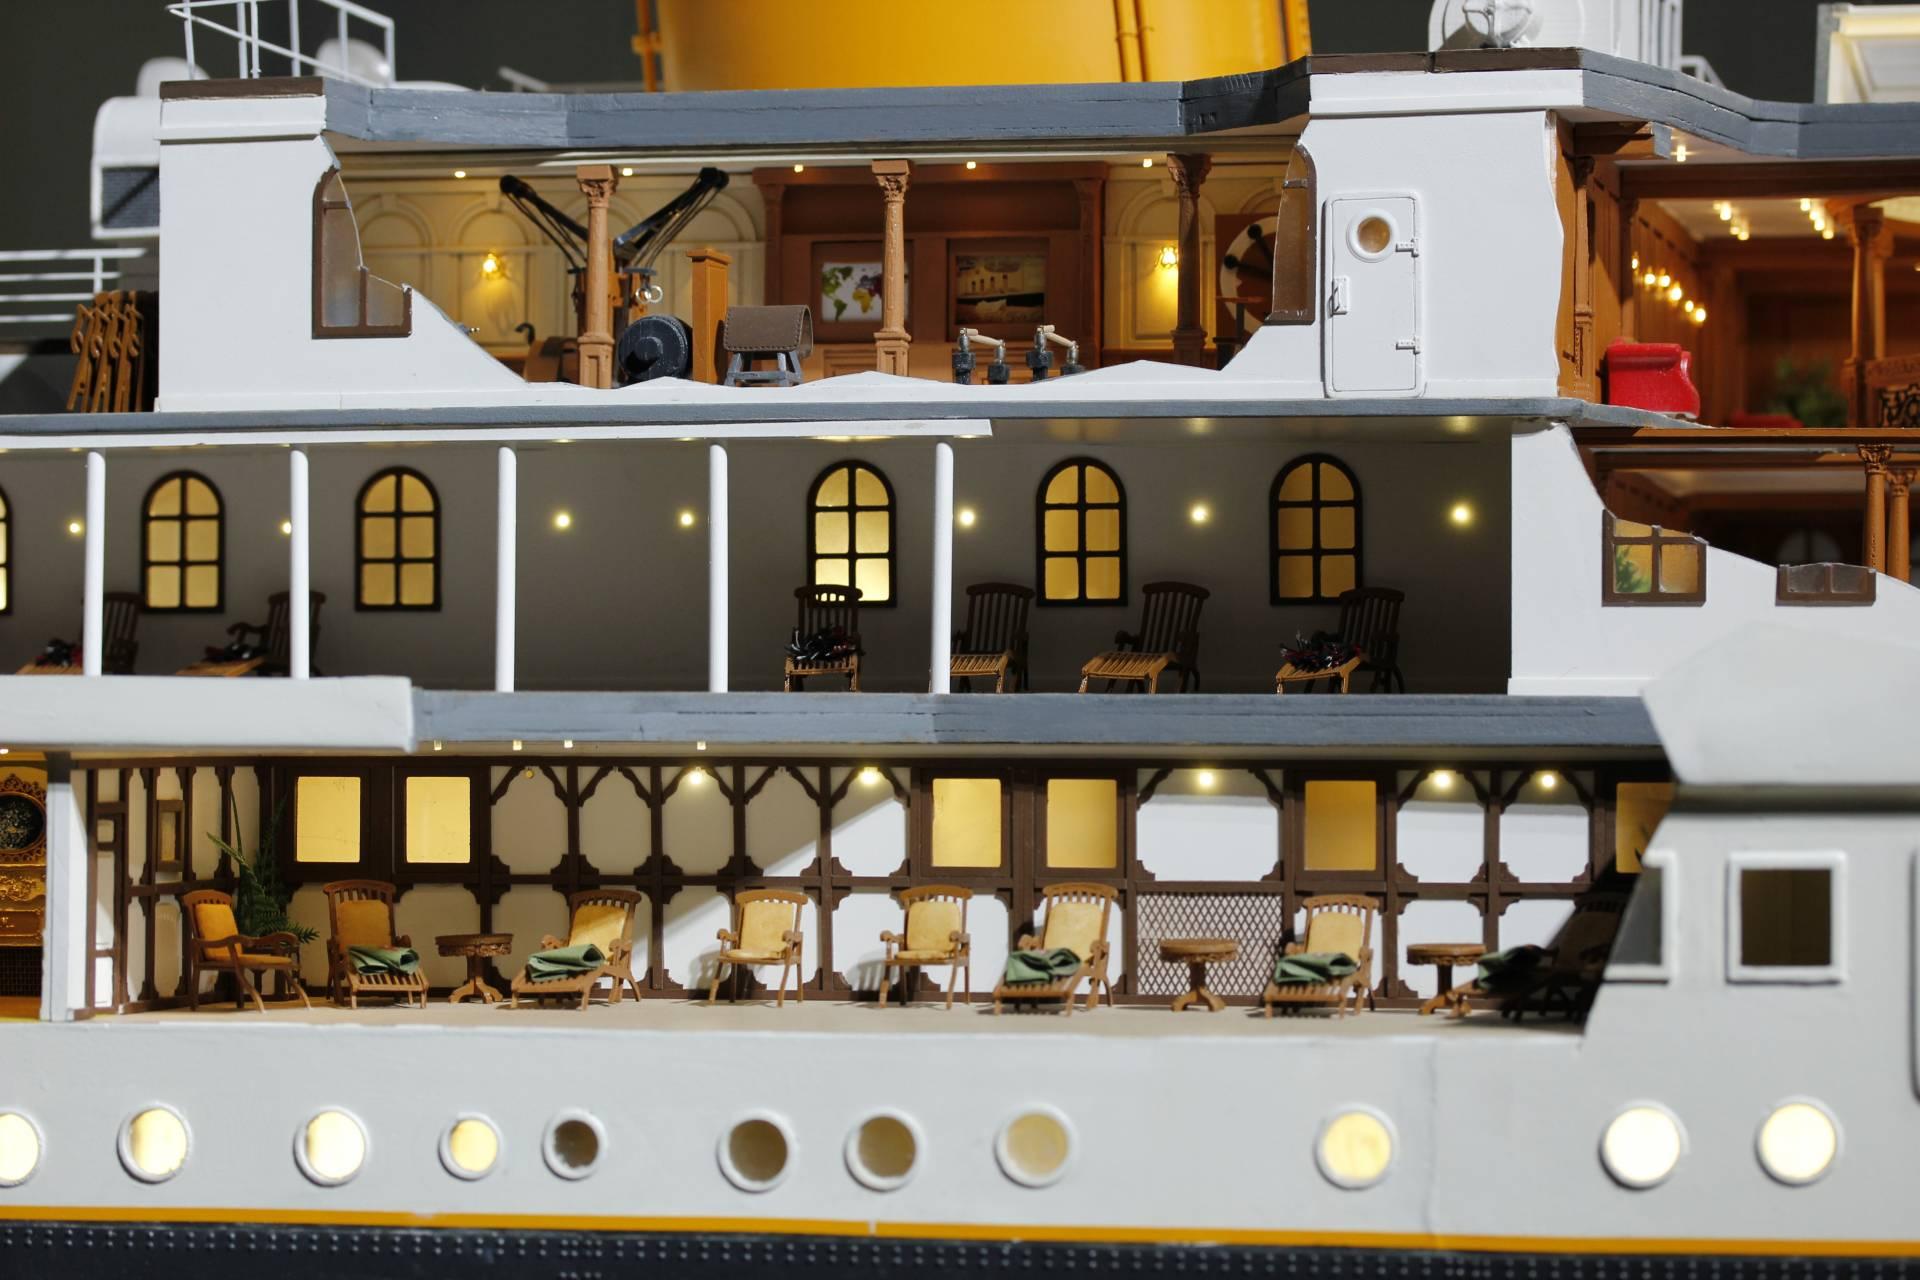 La sección de estribor permite ver cómo eran los camarotes, el gimnasio y las terrazas para tomar el sol de los viajeros de primera clase.